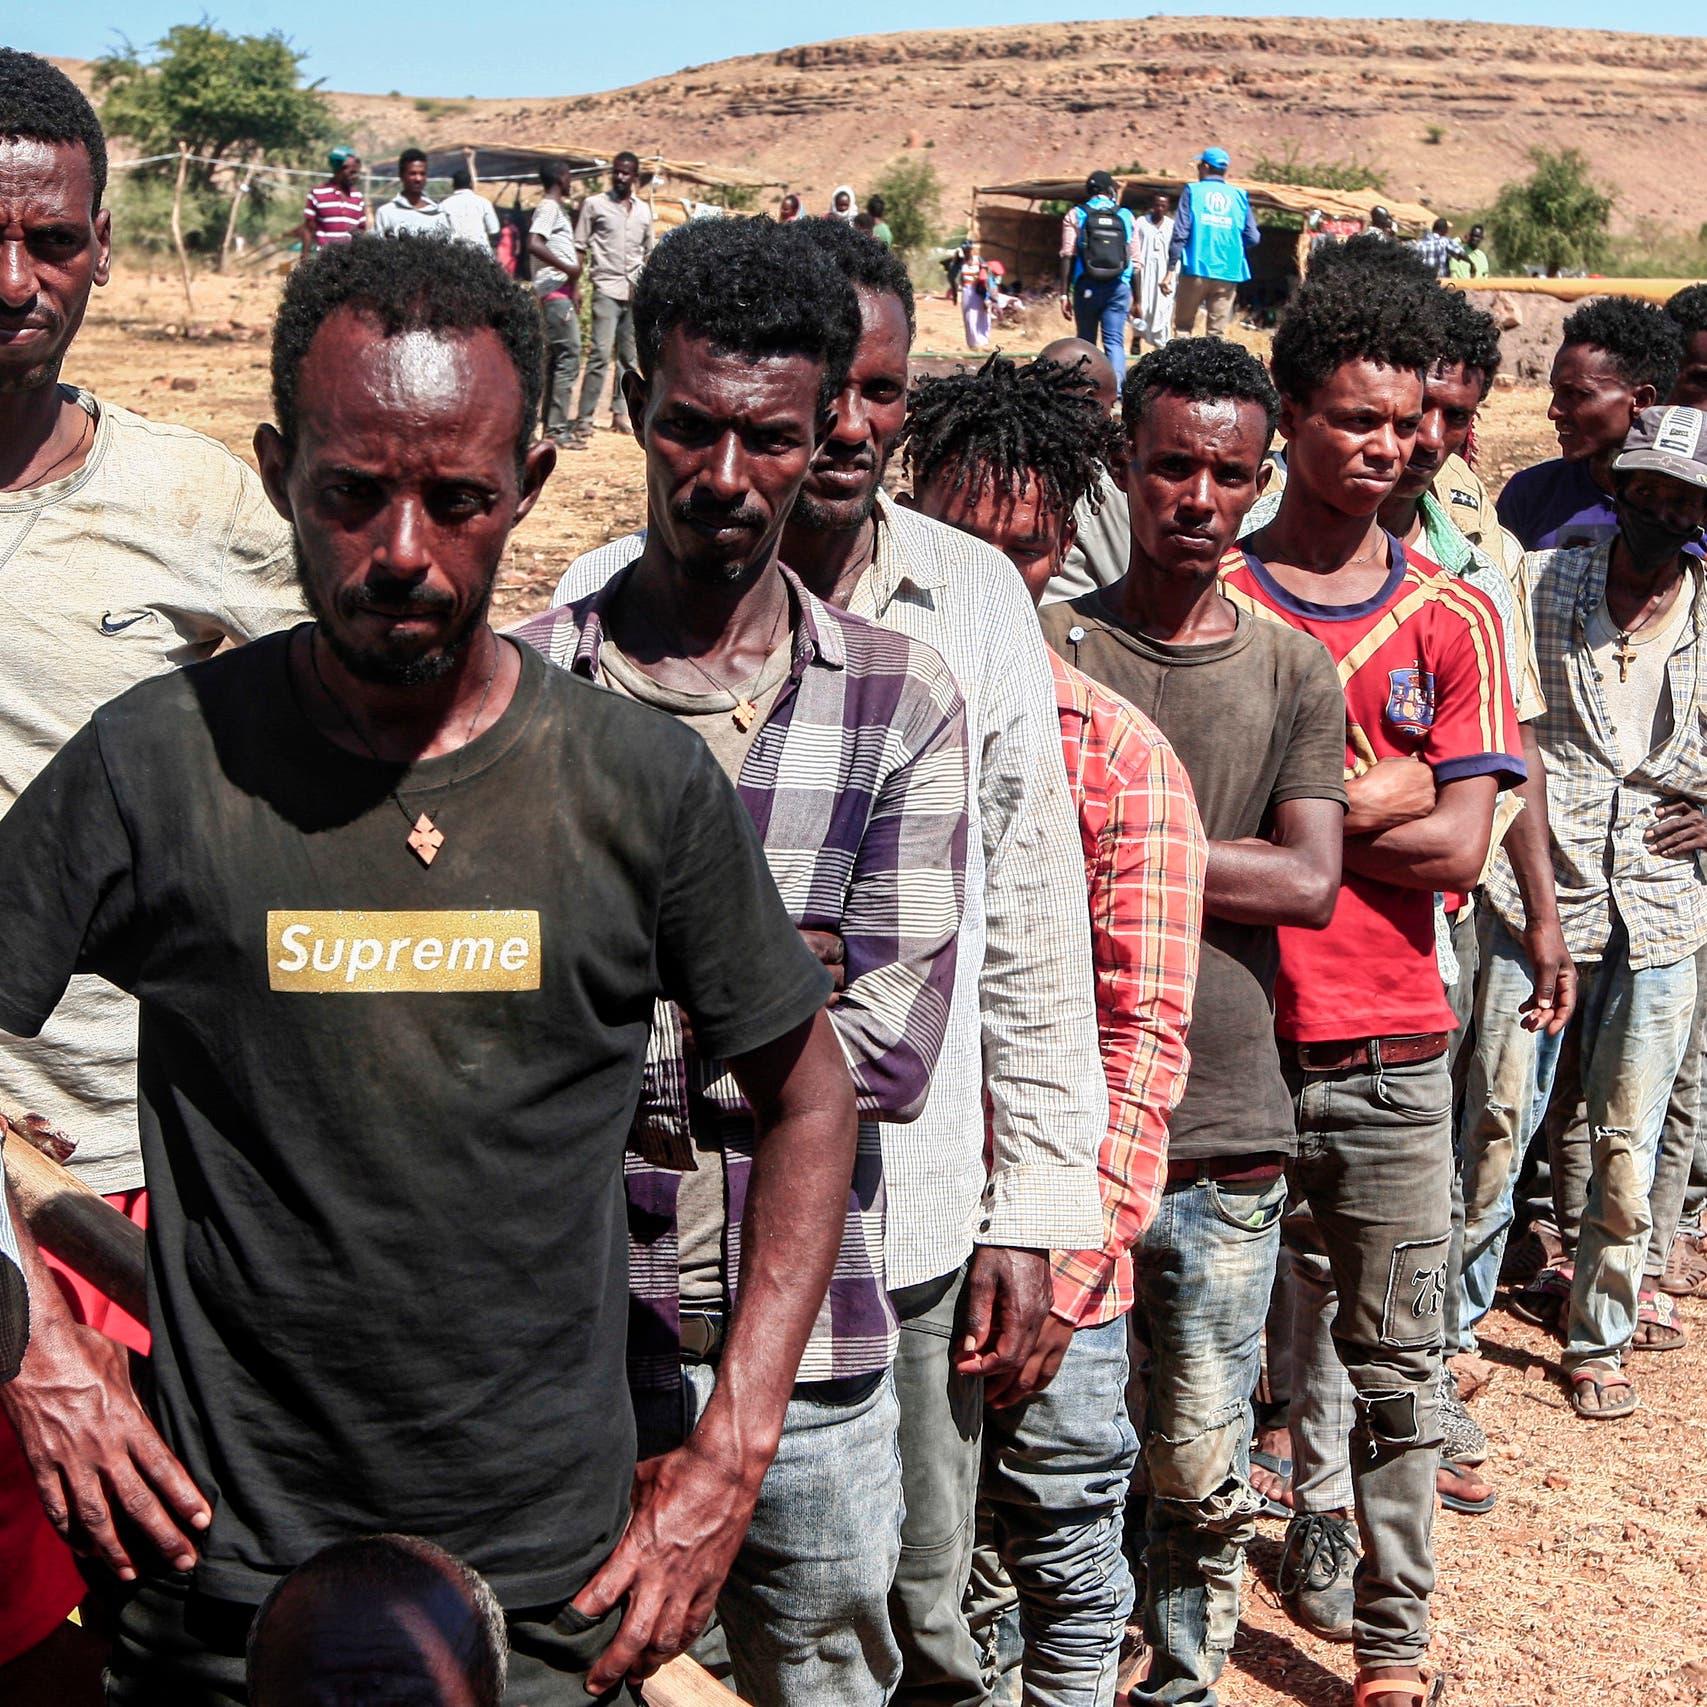 نهب وعنف في تيغراي.. رسالة حادة من واشنطن لإثيوبيا